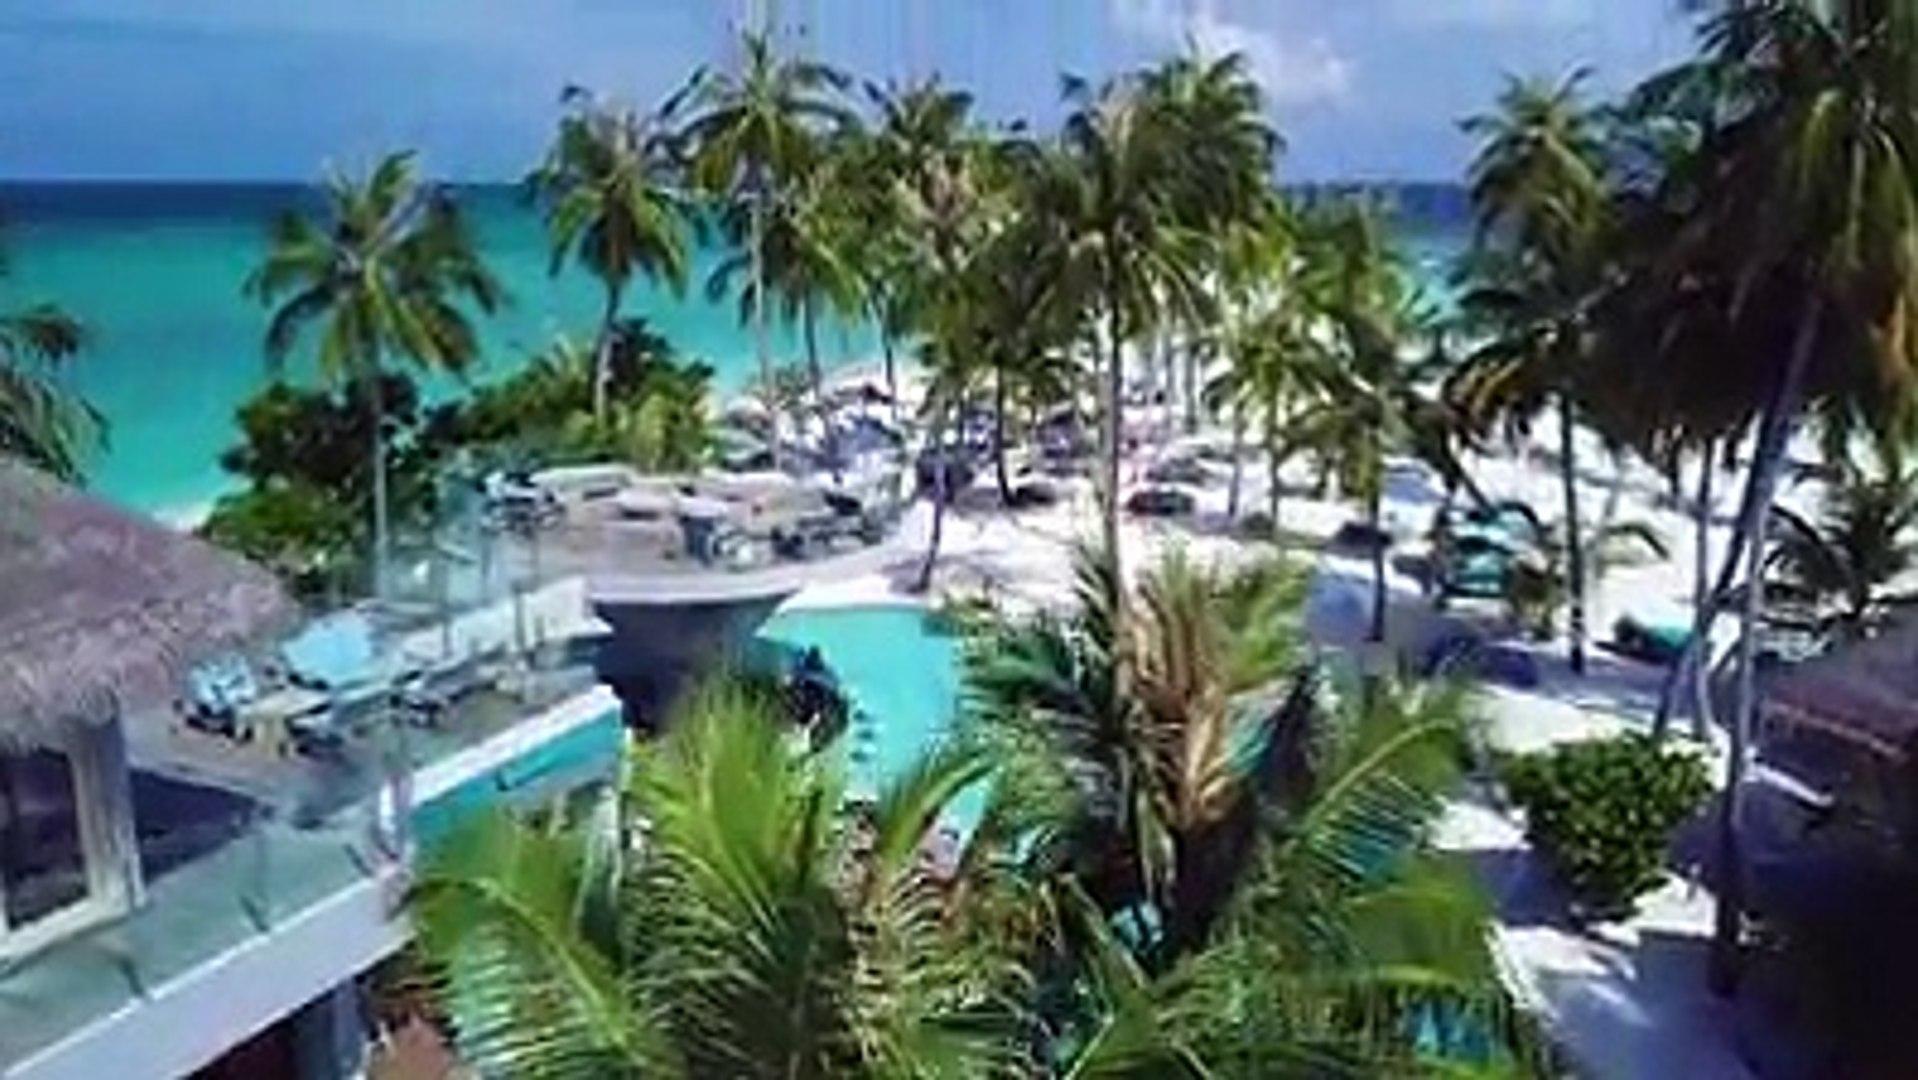 或許每個人對於馬爾地夫印象最深刻的是那美到心房裡的清澈海水那是因為還沒有見識過Finolhu Baa Atoll 獨一無二的超長拖尾沙灘一旦看過可是會讓人震撼到產生走在印度洋海面上的錯覺呢!!! Li